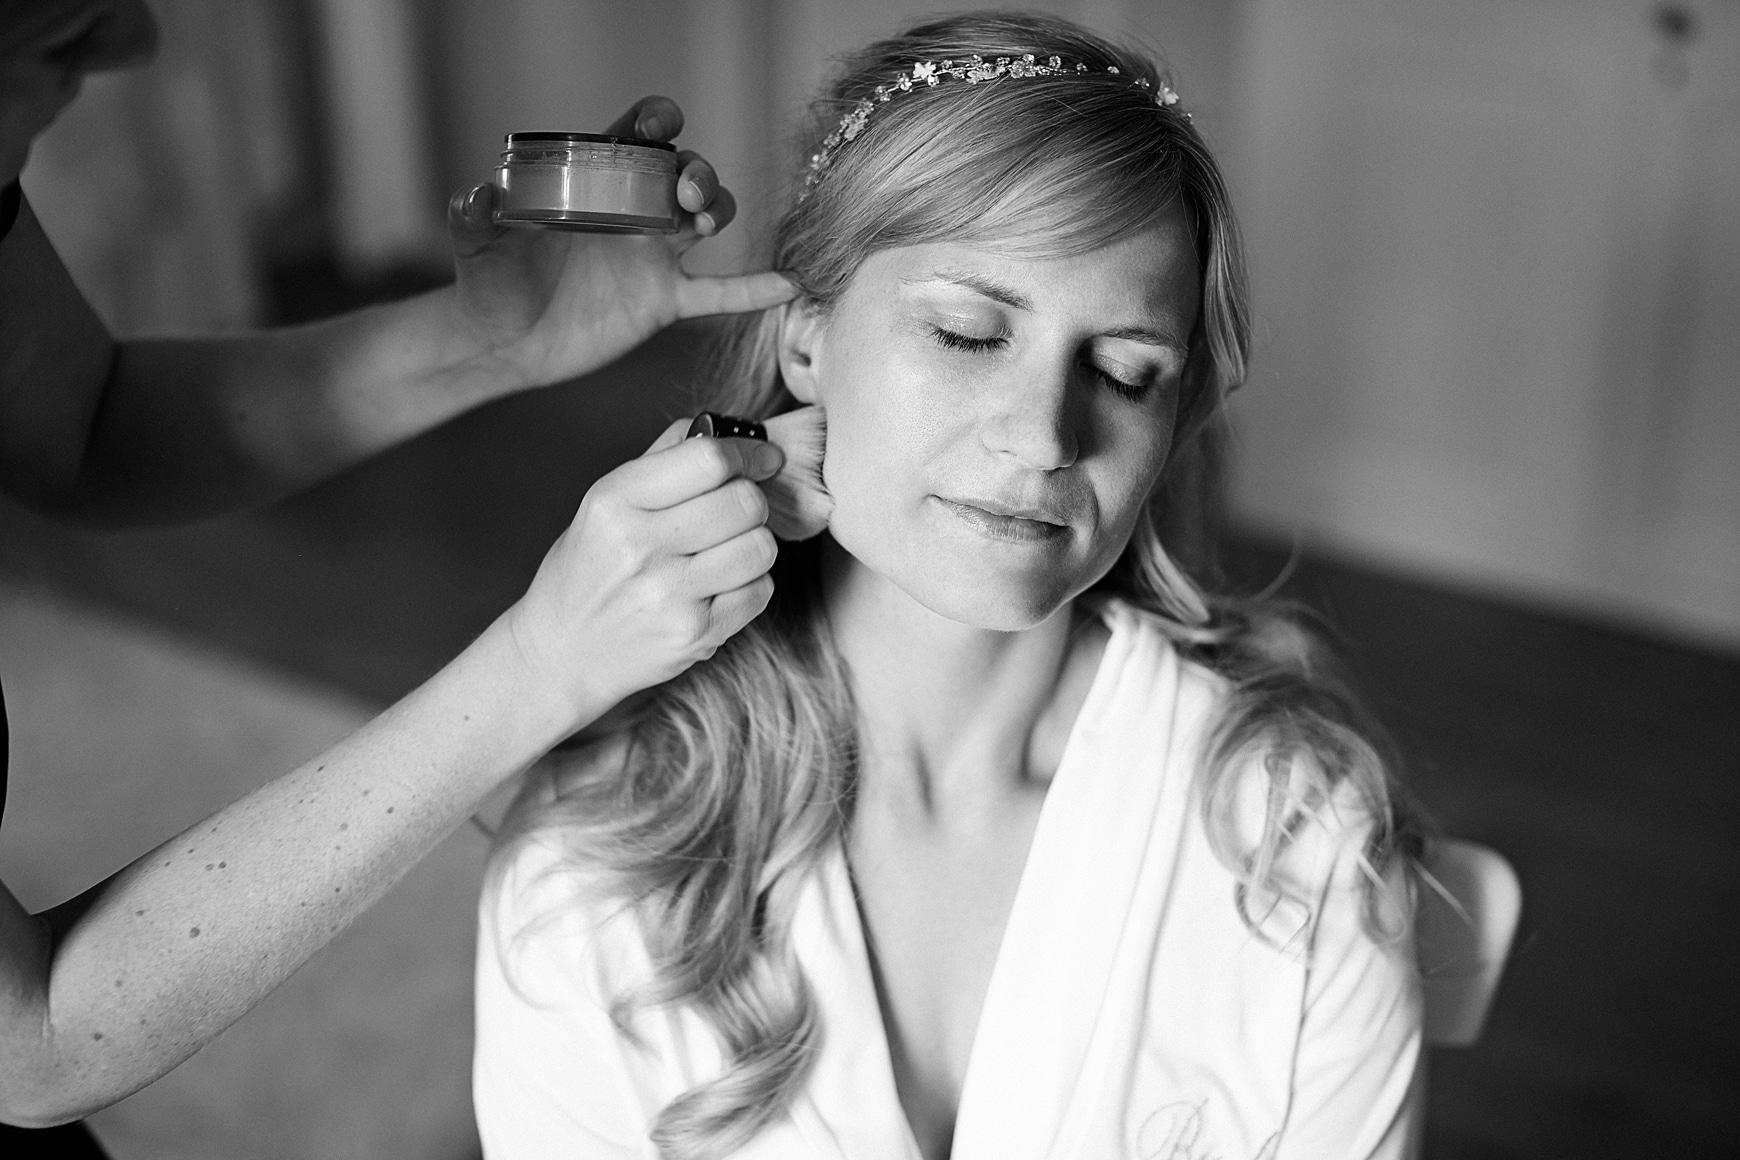 Eine Frau mit langen blonden Haaren wird geschminkt